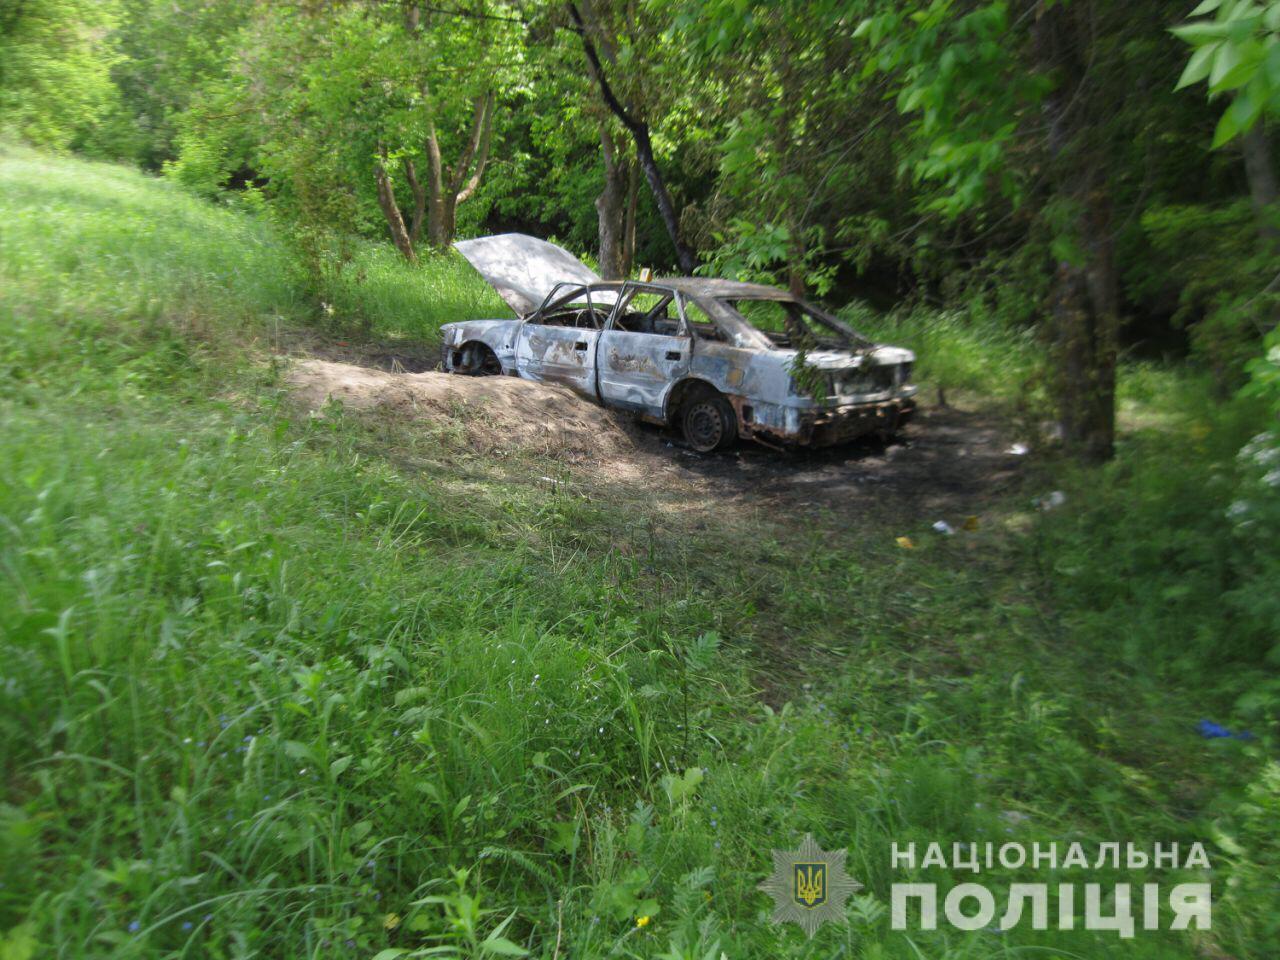 Харьковчанин угнал иномарку, покатался на ней, а потом сжег (фото)